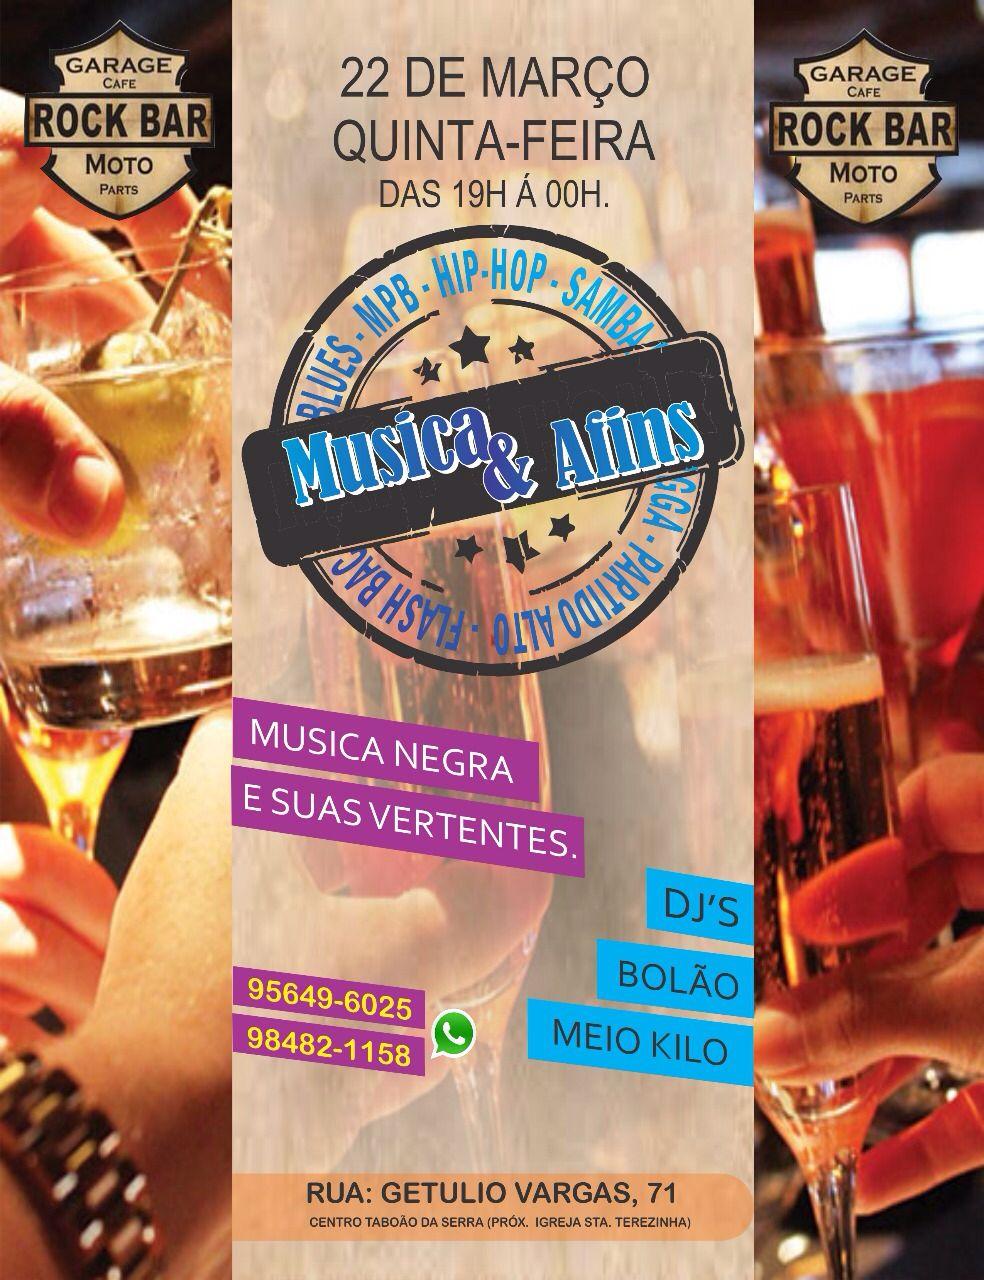 Projeto Música & Afins acontece esta semana com DJs Bolão e Meio Kilo #nota